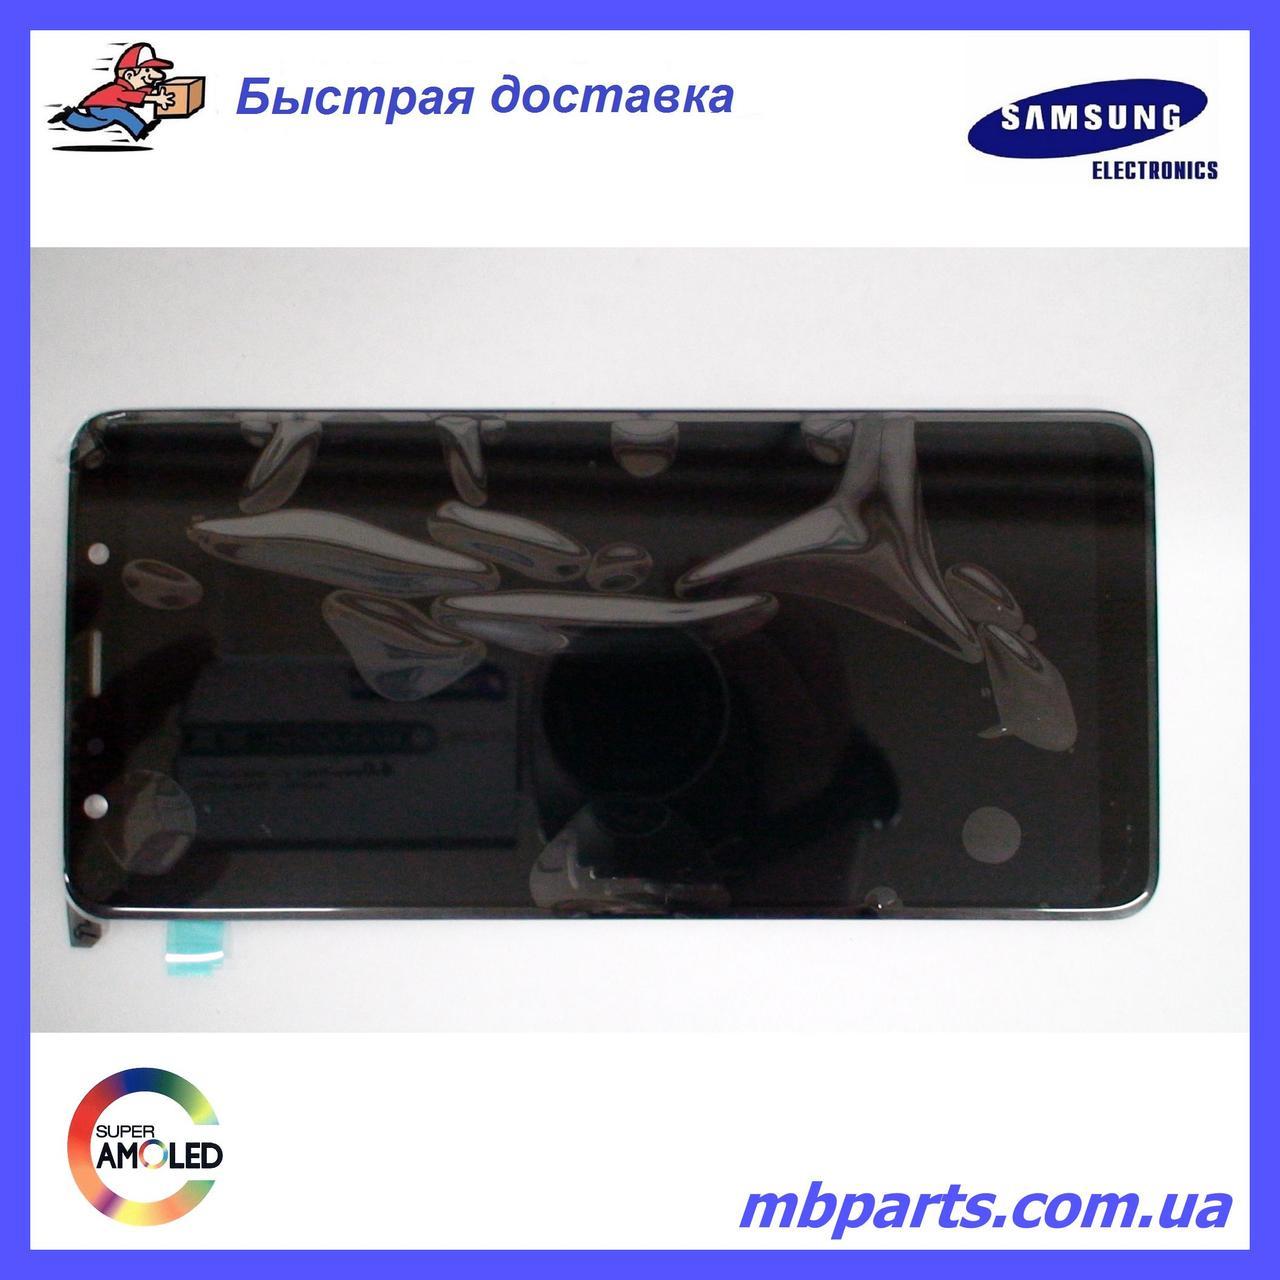 Дисплей с сенсором Samsung A750 Galaxy A7 2018 чёрный/black, GH96-12078A